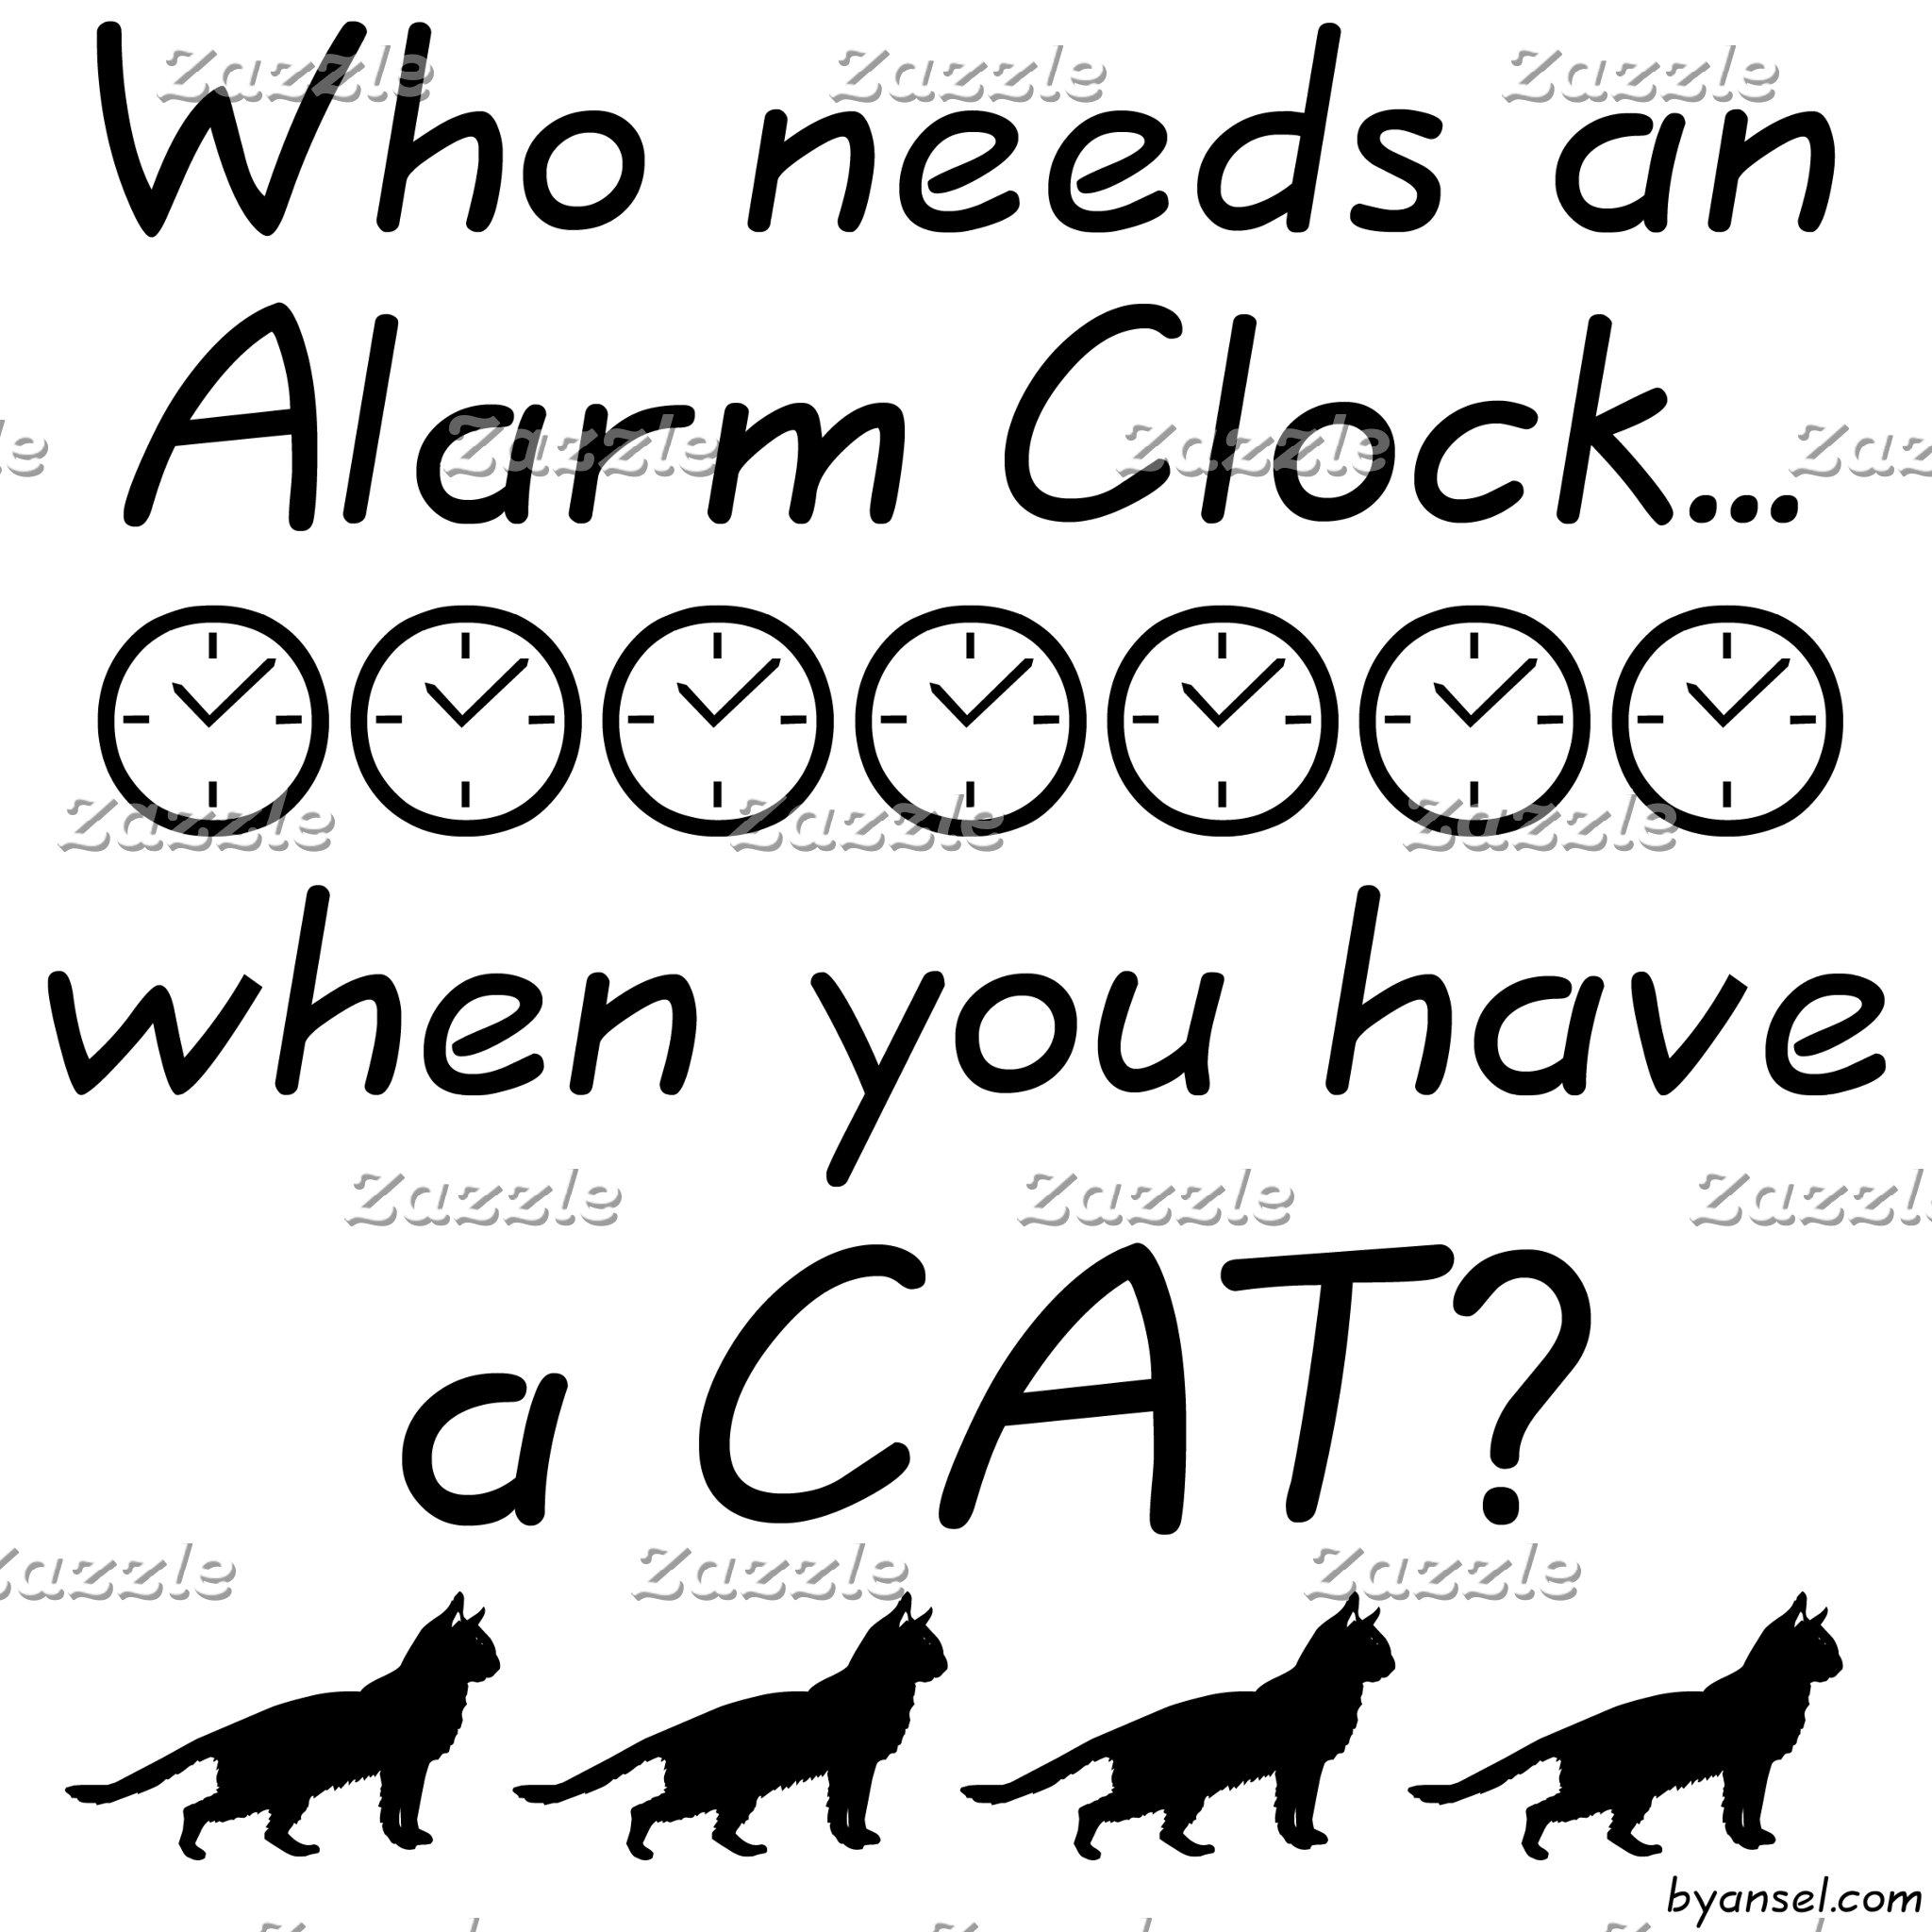 Who needs an alarm clock...